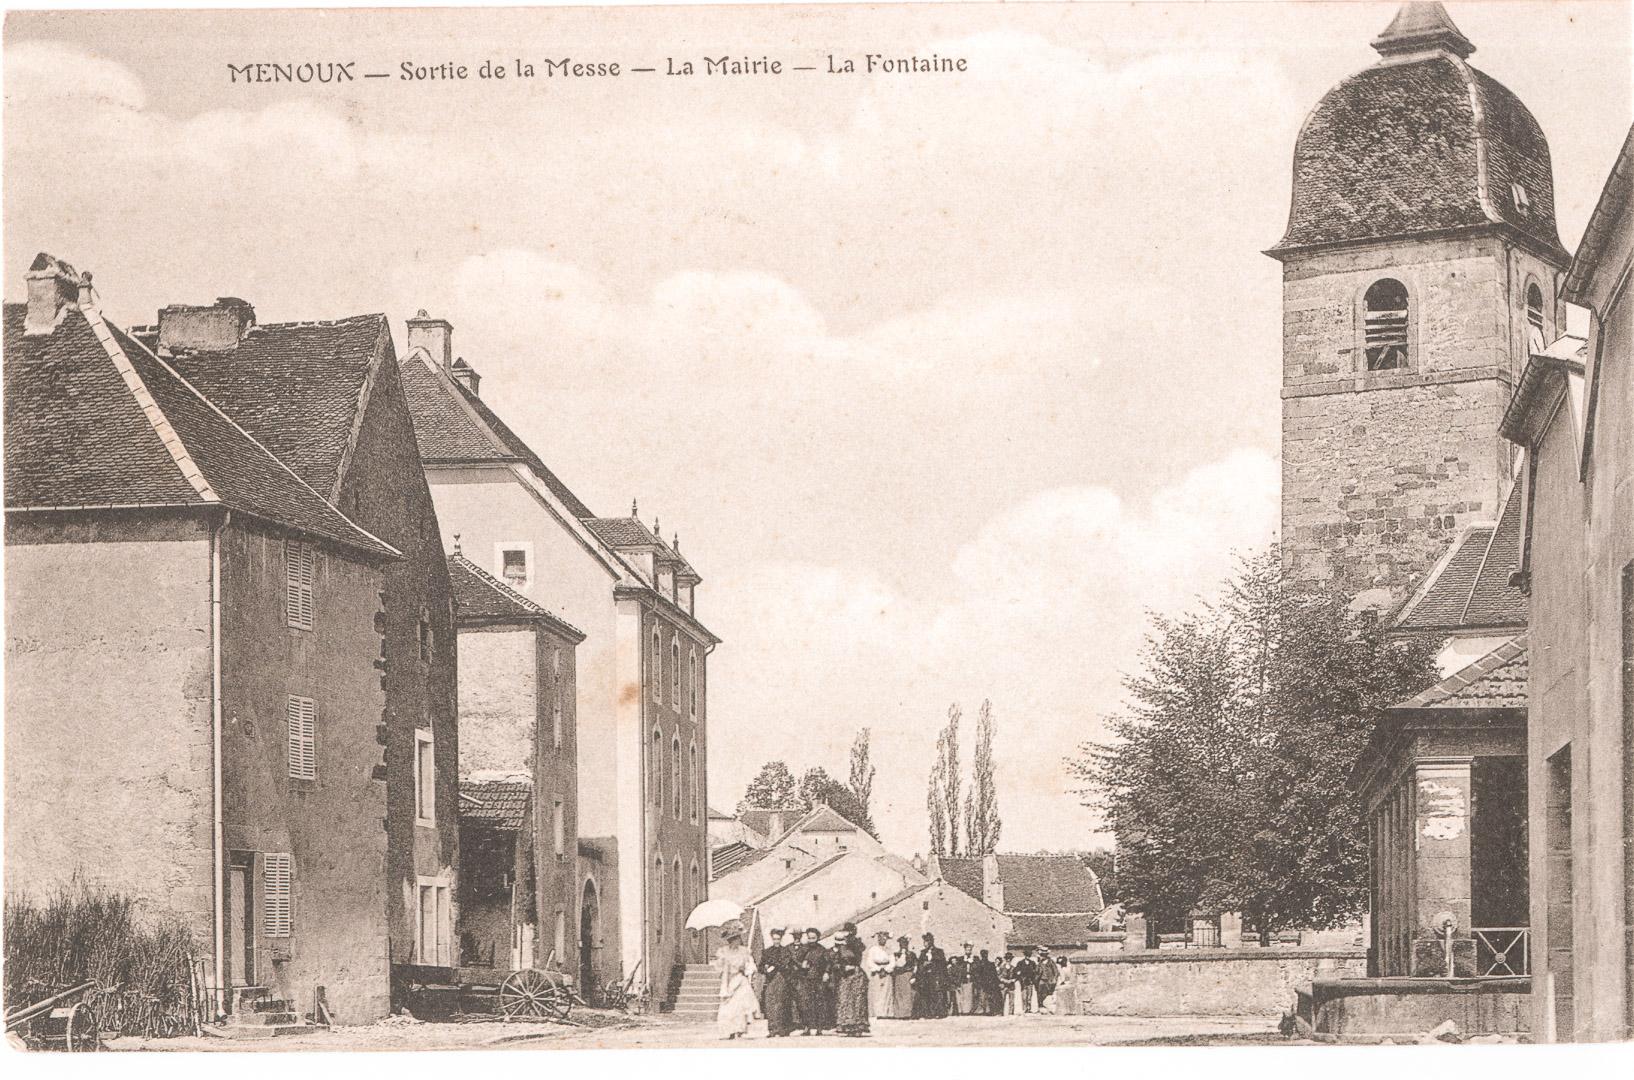 1900-1924_Menoux-cartPost-31